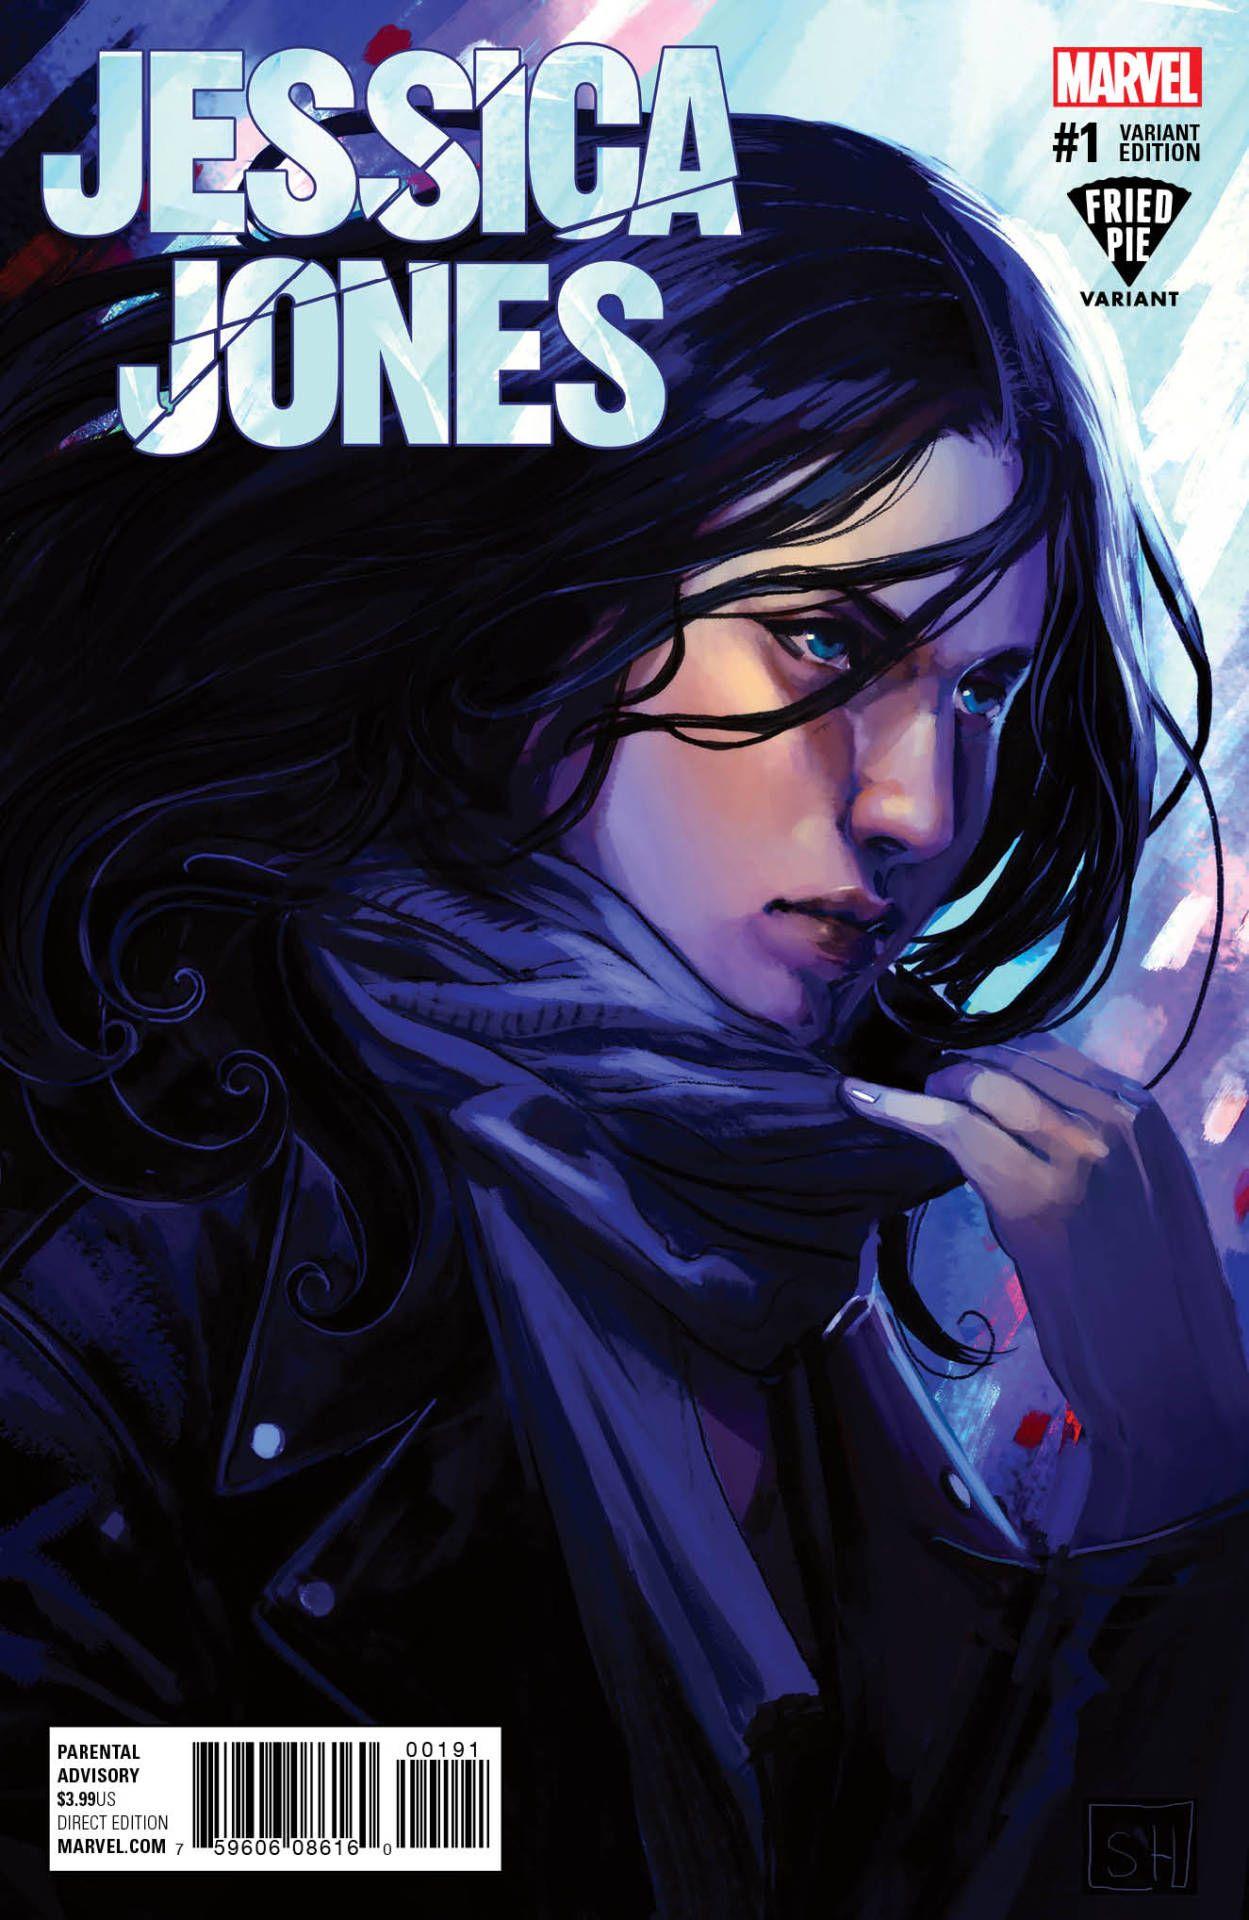 Jessica Jones Comic Book #Marvel   CoOl JesSiCa jONes ...